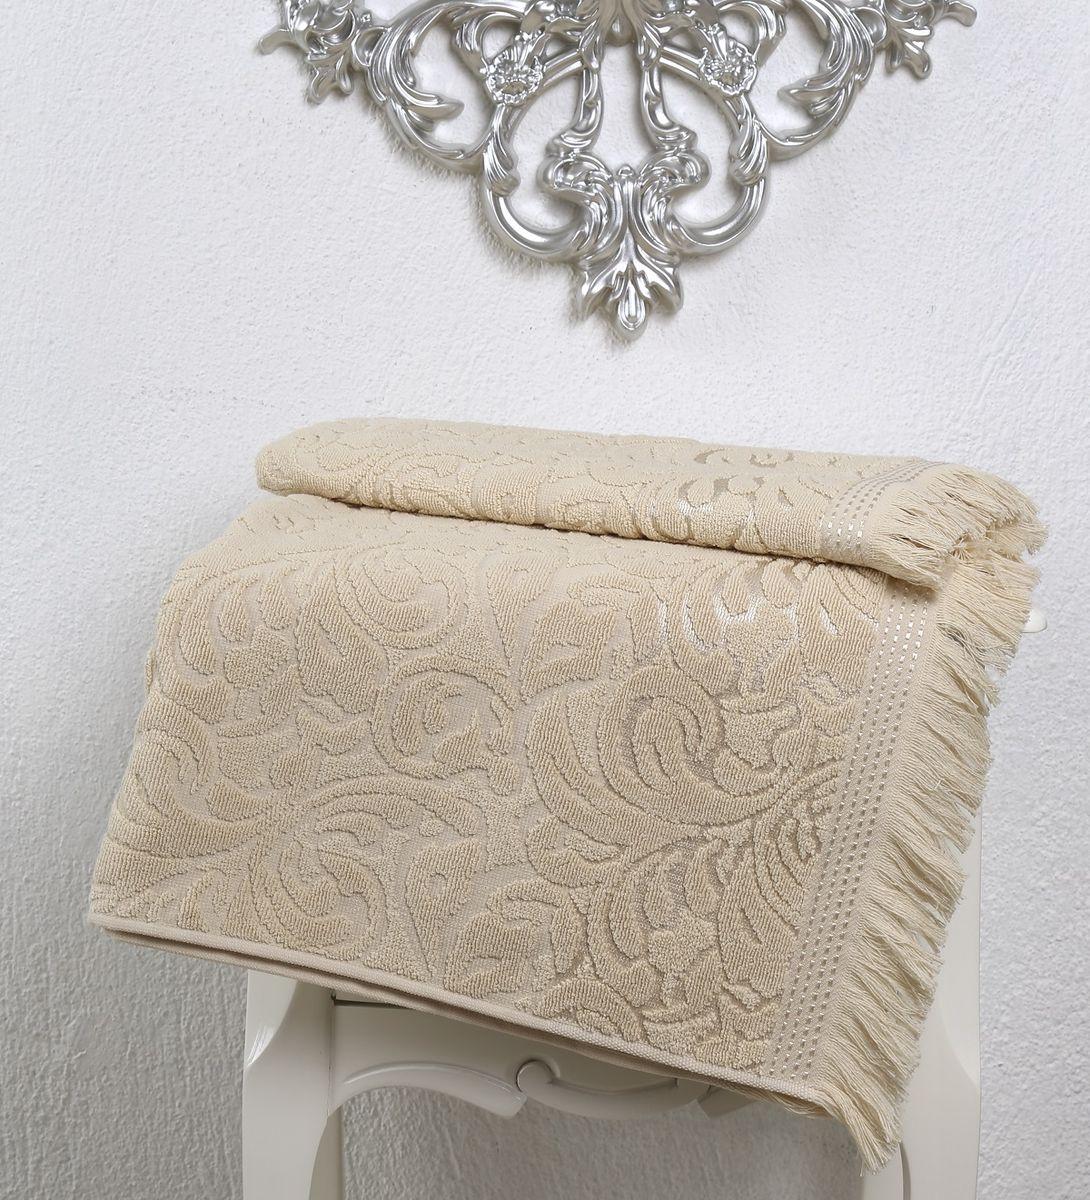 Полотенце Karna Esra, цвет: бежевый, 70 х 140 см2195/CHAR003Полотенце махровое Karna изготавливают из высококачественных хлопковых нитей. Хлопковые нити прядутся из длинных волокон. Длина волокон хлопковой нити влияет на свойства ткани, чем длиннее волокна, тем махровое изделие прочнее, пушистее и мягче на ощупь. А также махровое изделие будет отлично впитывать воду и быстро сохнуть. На впитывающие качества махры (ее гигроскопичность), конечно же, влияет состав волокон. Махра абсолютно не аллергенна, имеет высокую воздухопроницаемость и долгий срок использования ткани.Отличительной особенностью данной модели являются ее оригинальный рисунок (вышивка) и подарочная упаковка. Декор в виде вышивки и бахромы хорошо смотрится. Вышитые изображения отличаются своей долговечностью и практичностью, они не выгорают и не линяют.